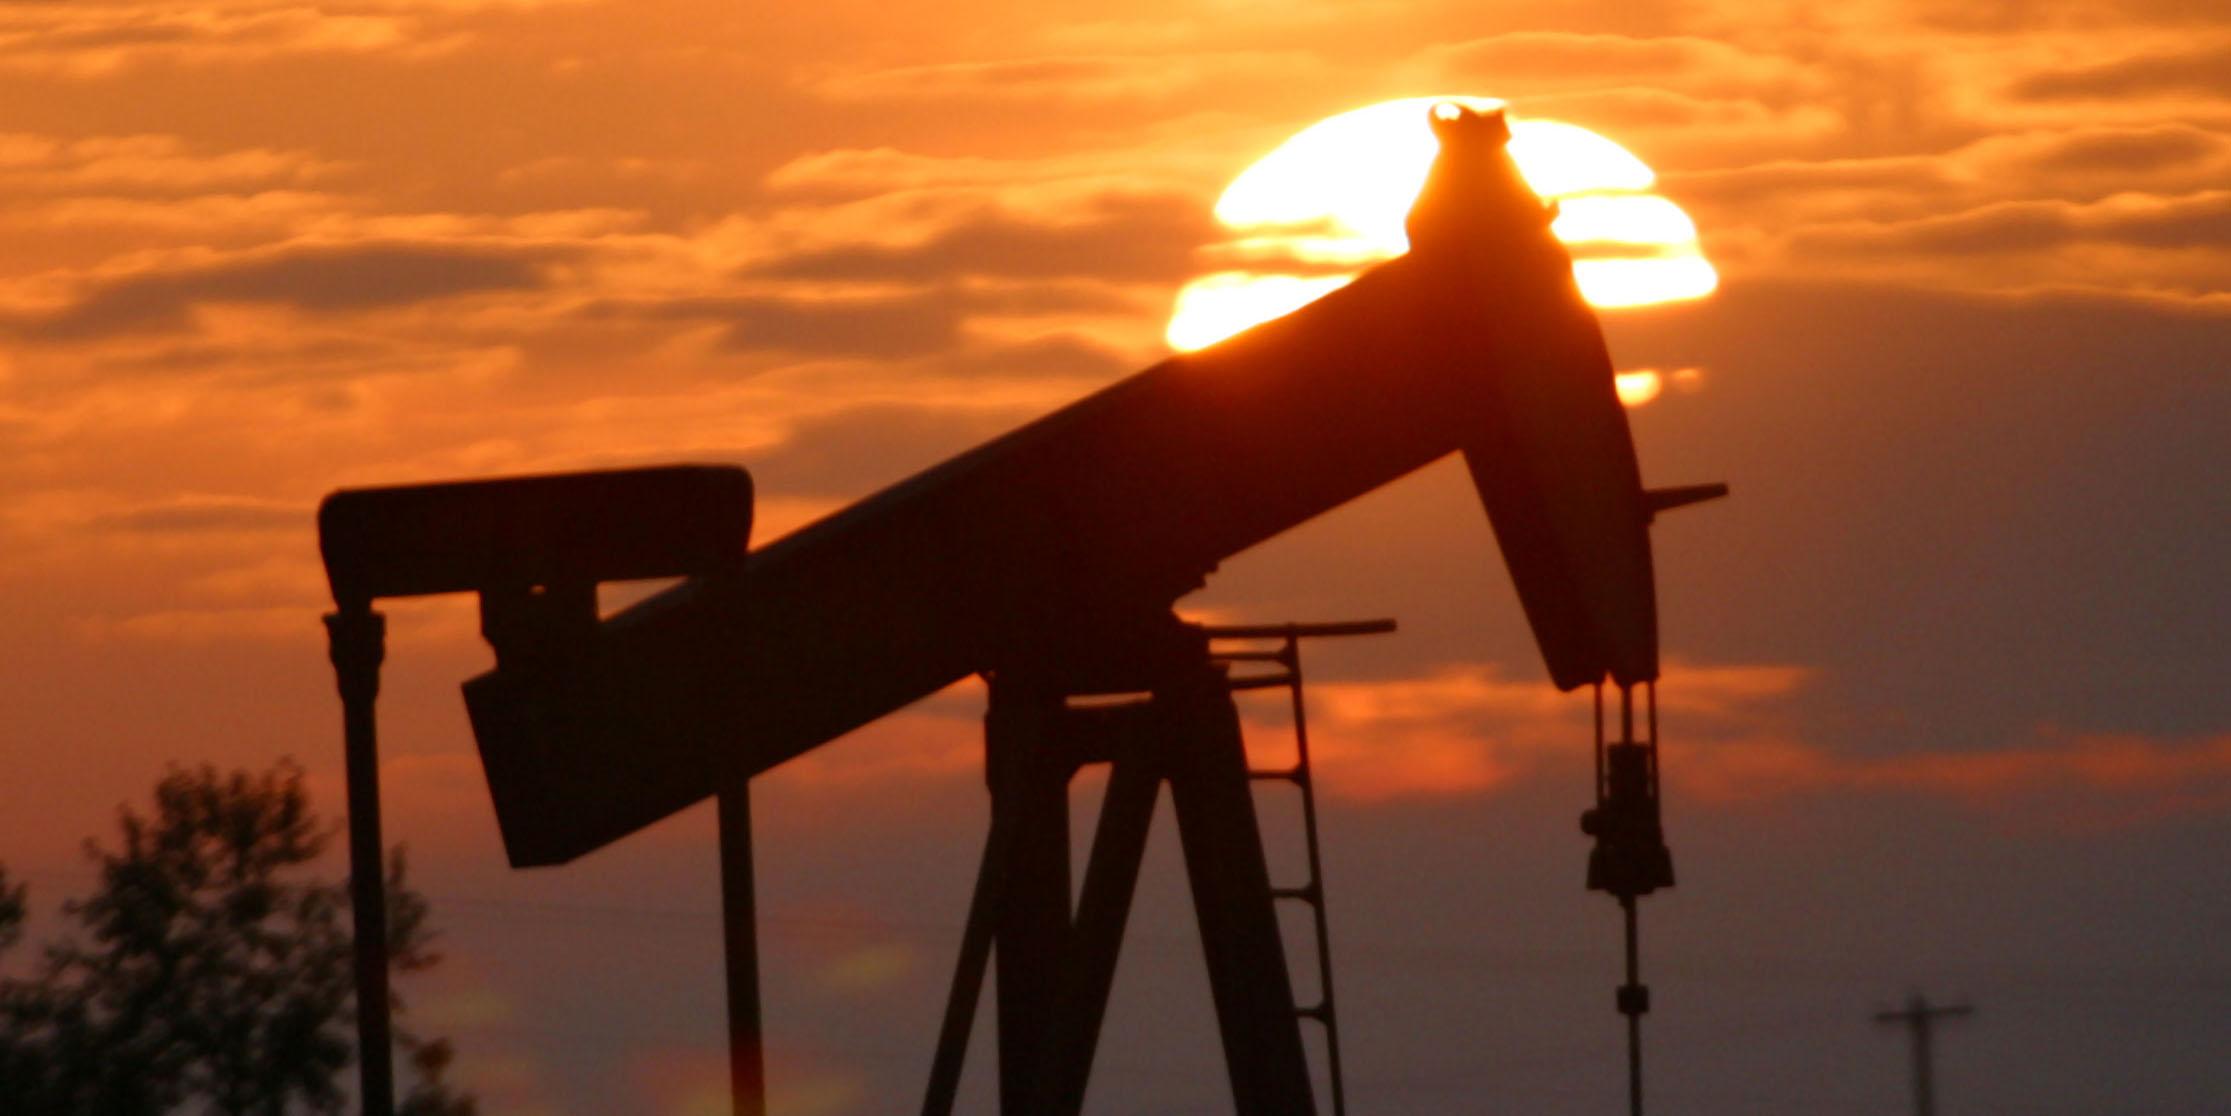 ساخت مخازن زیر زمینی نفت در کشور با کمک شرکت خارجی